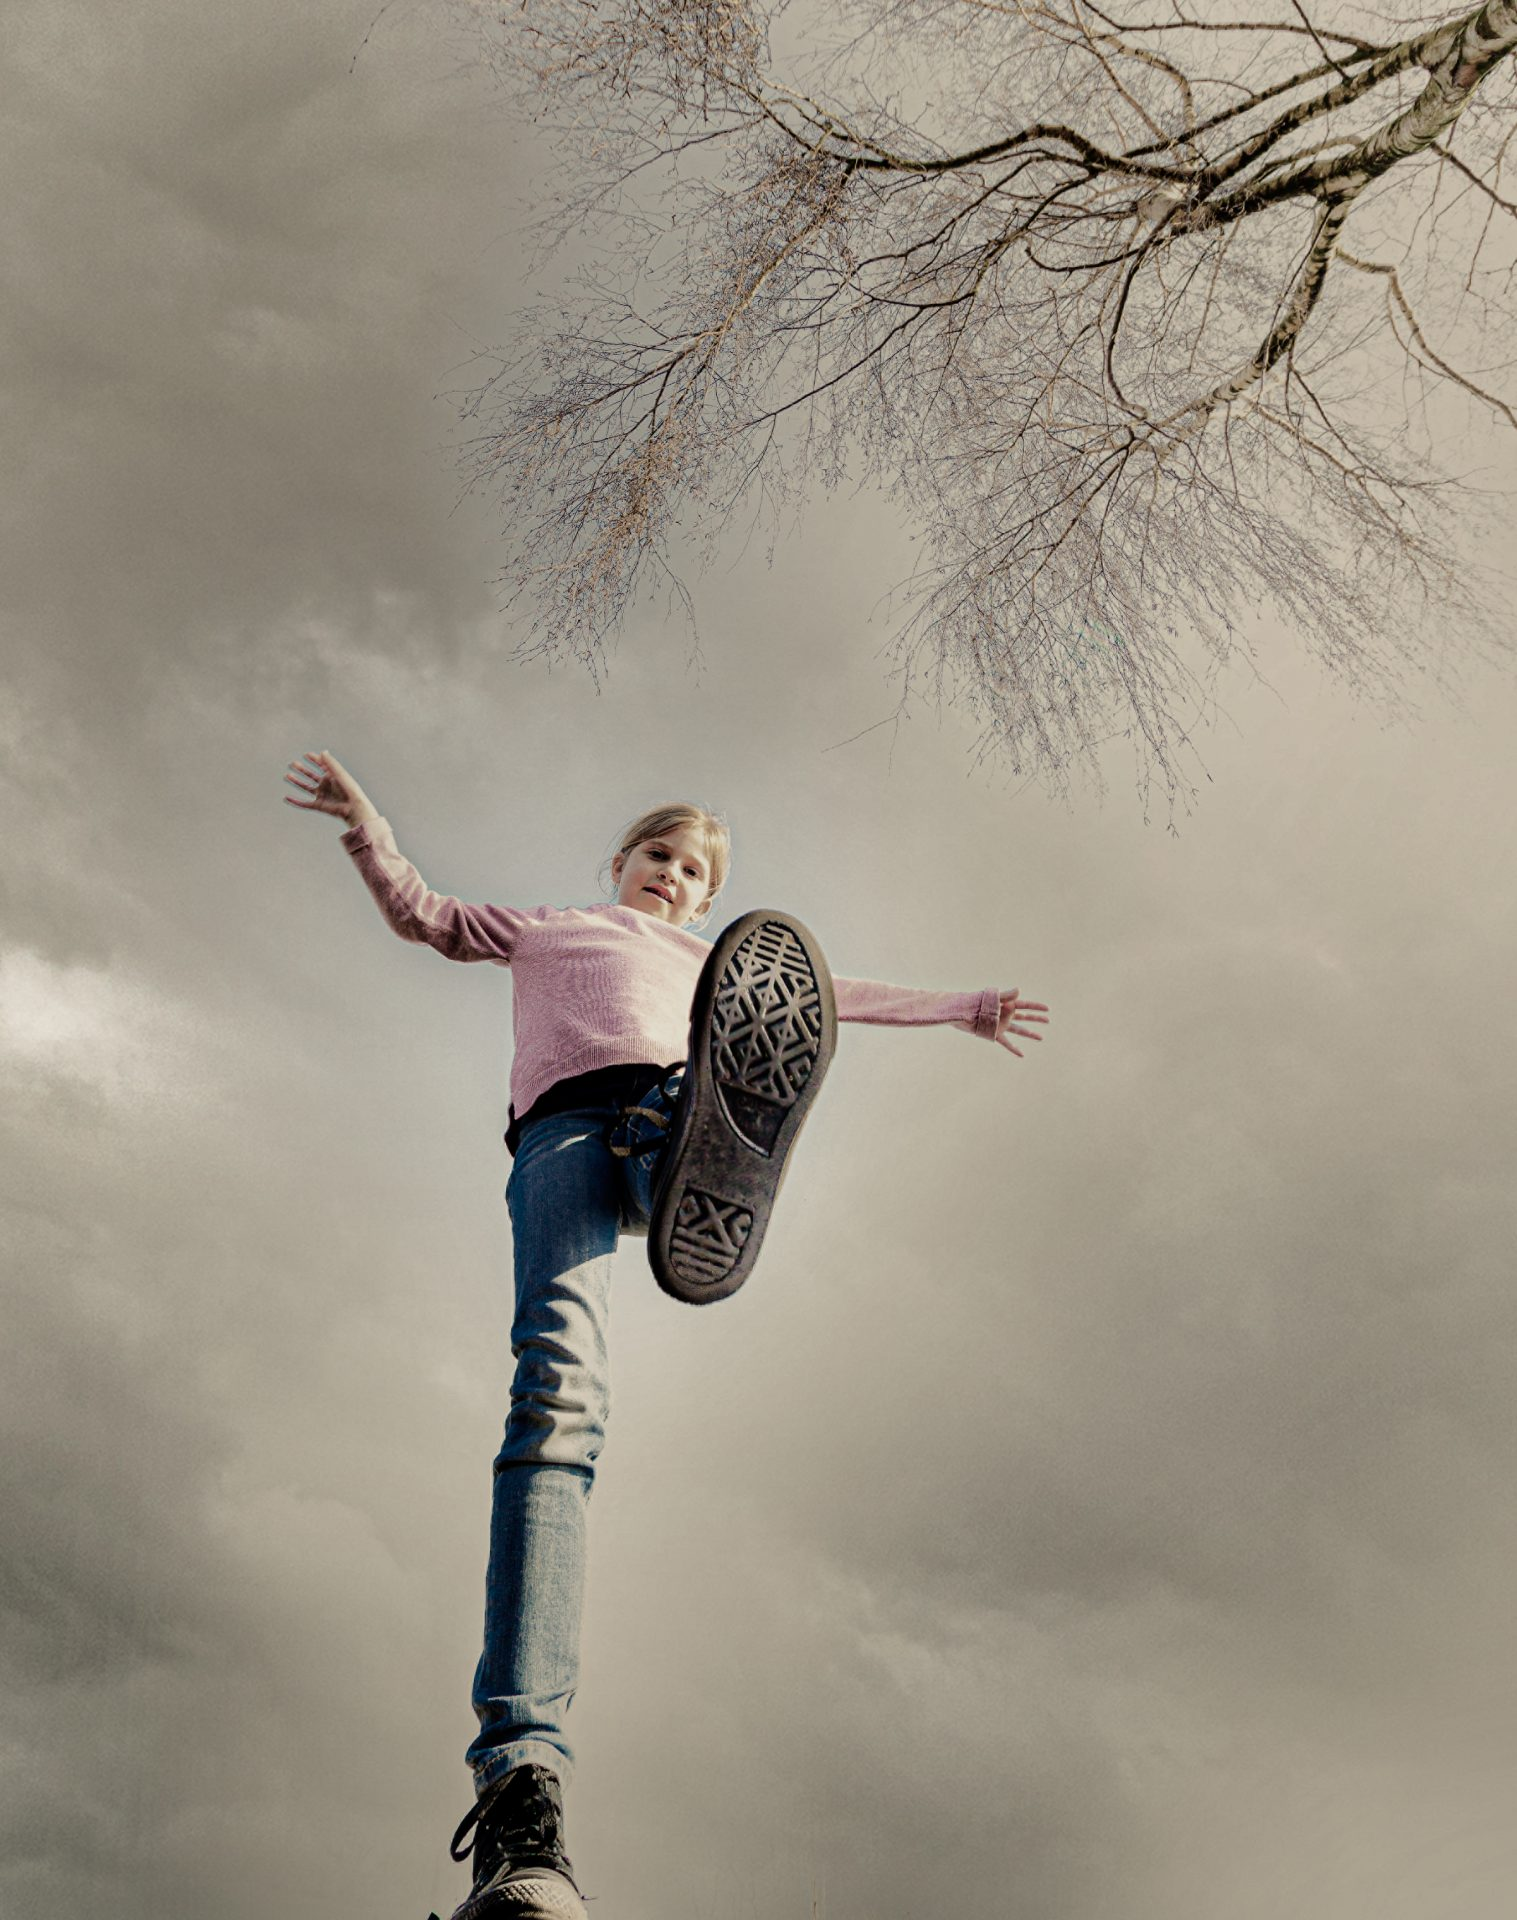 Challenge van de maand februari 2021: Zelfportret - Sonja Roelens